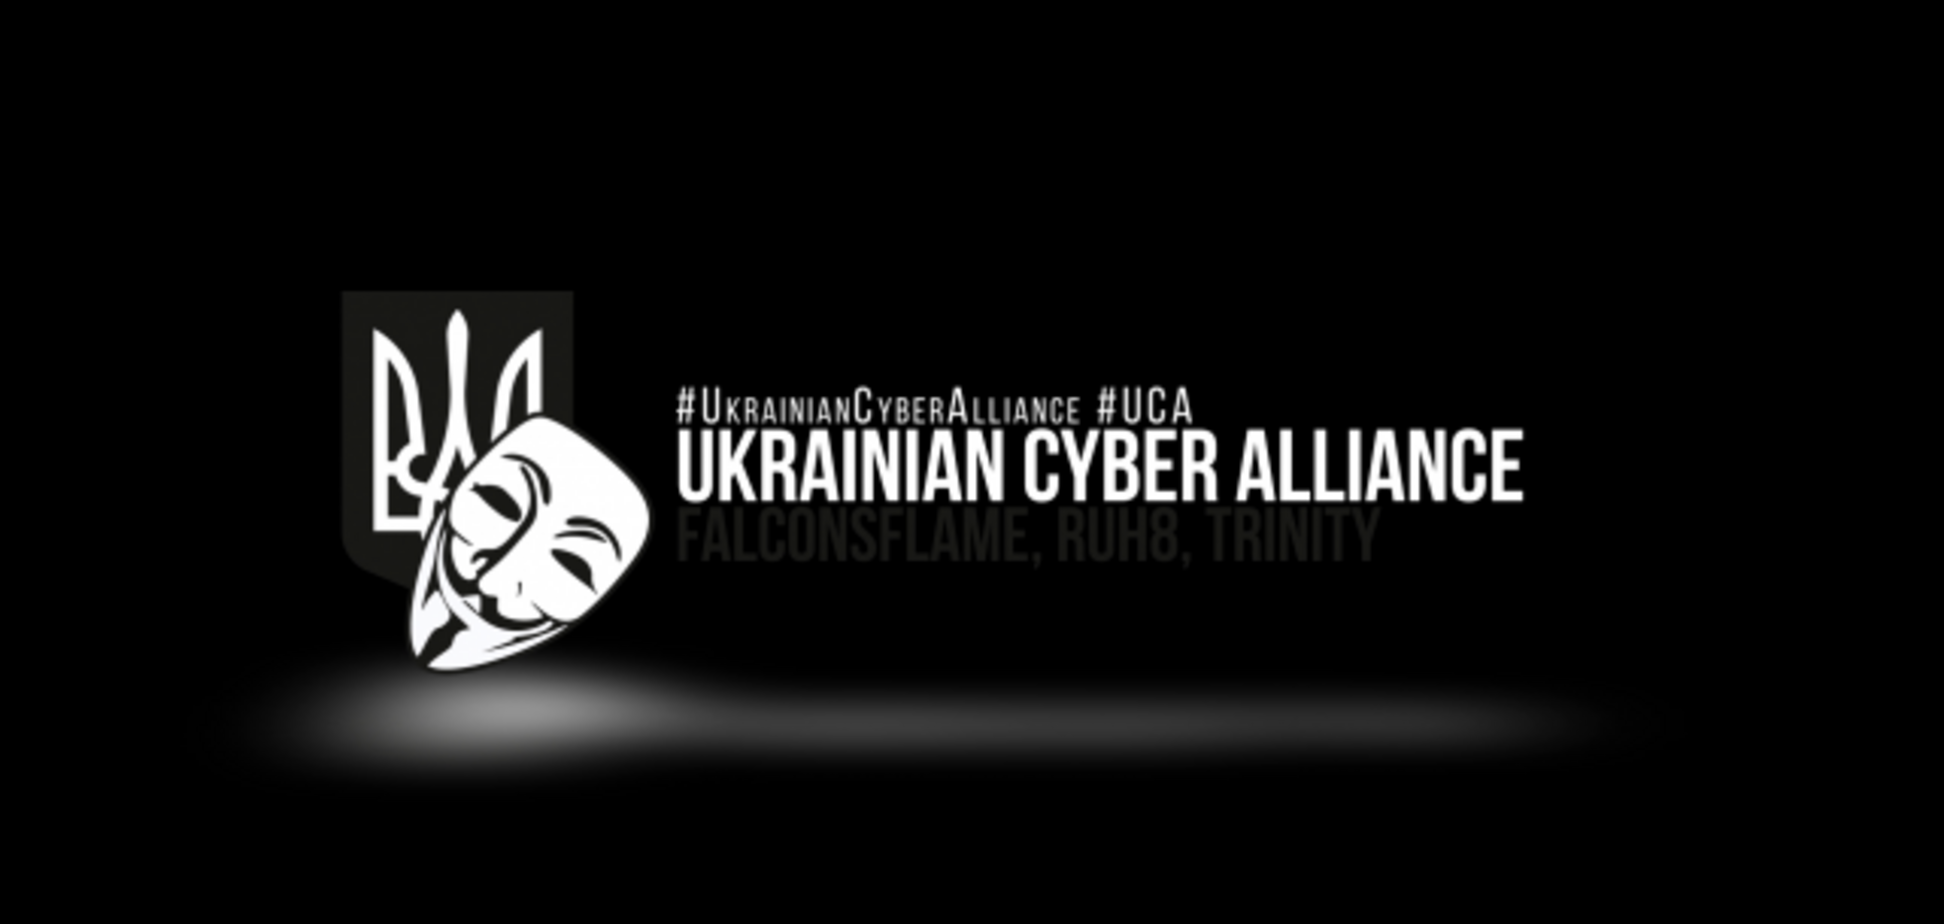 У активістів 'Українського кіберальянсу' раптово влаштували обшуки